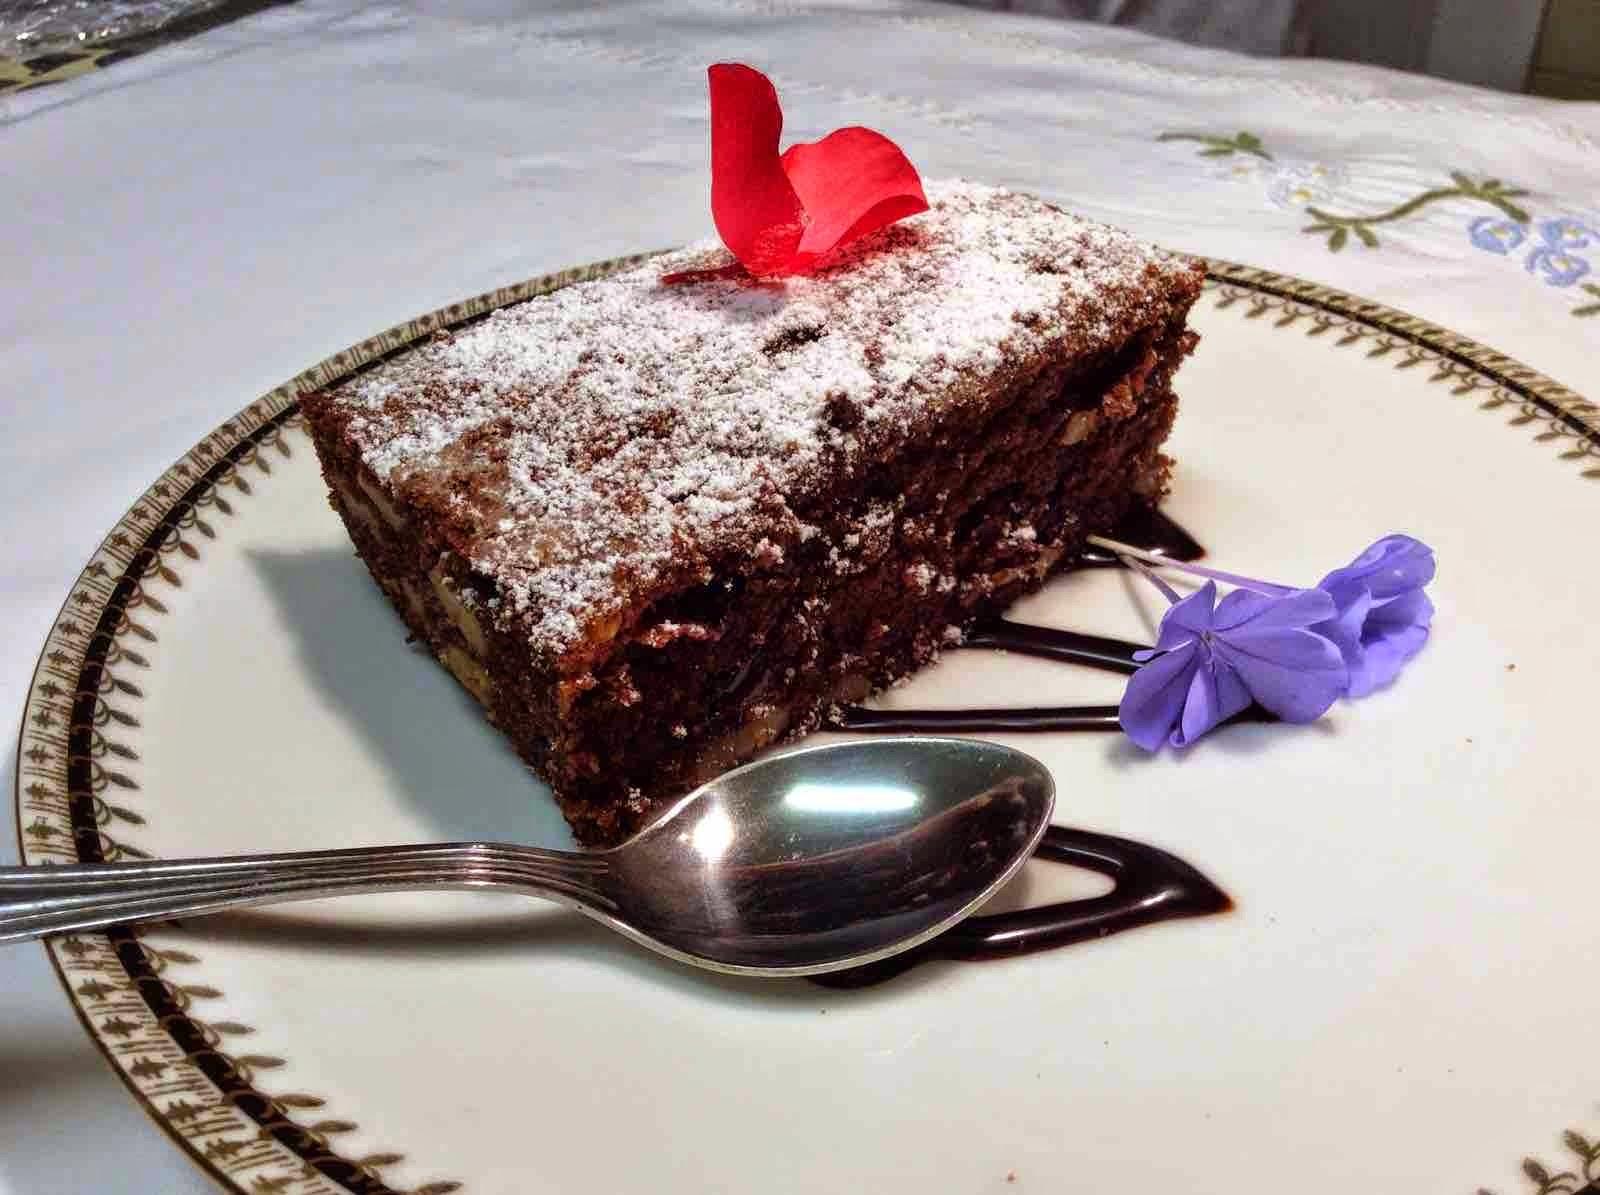 Sugerencia de presentación del Brownie con dores de chocolate